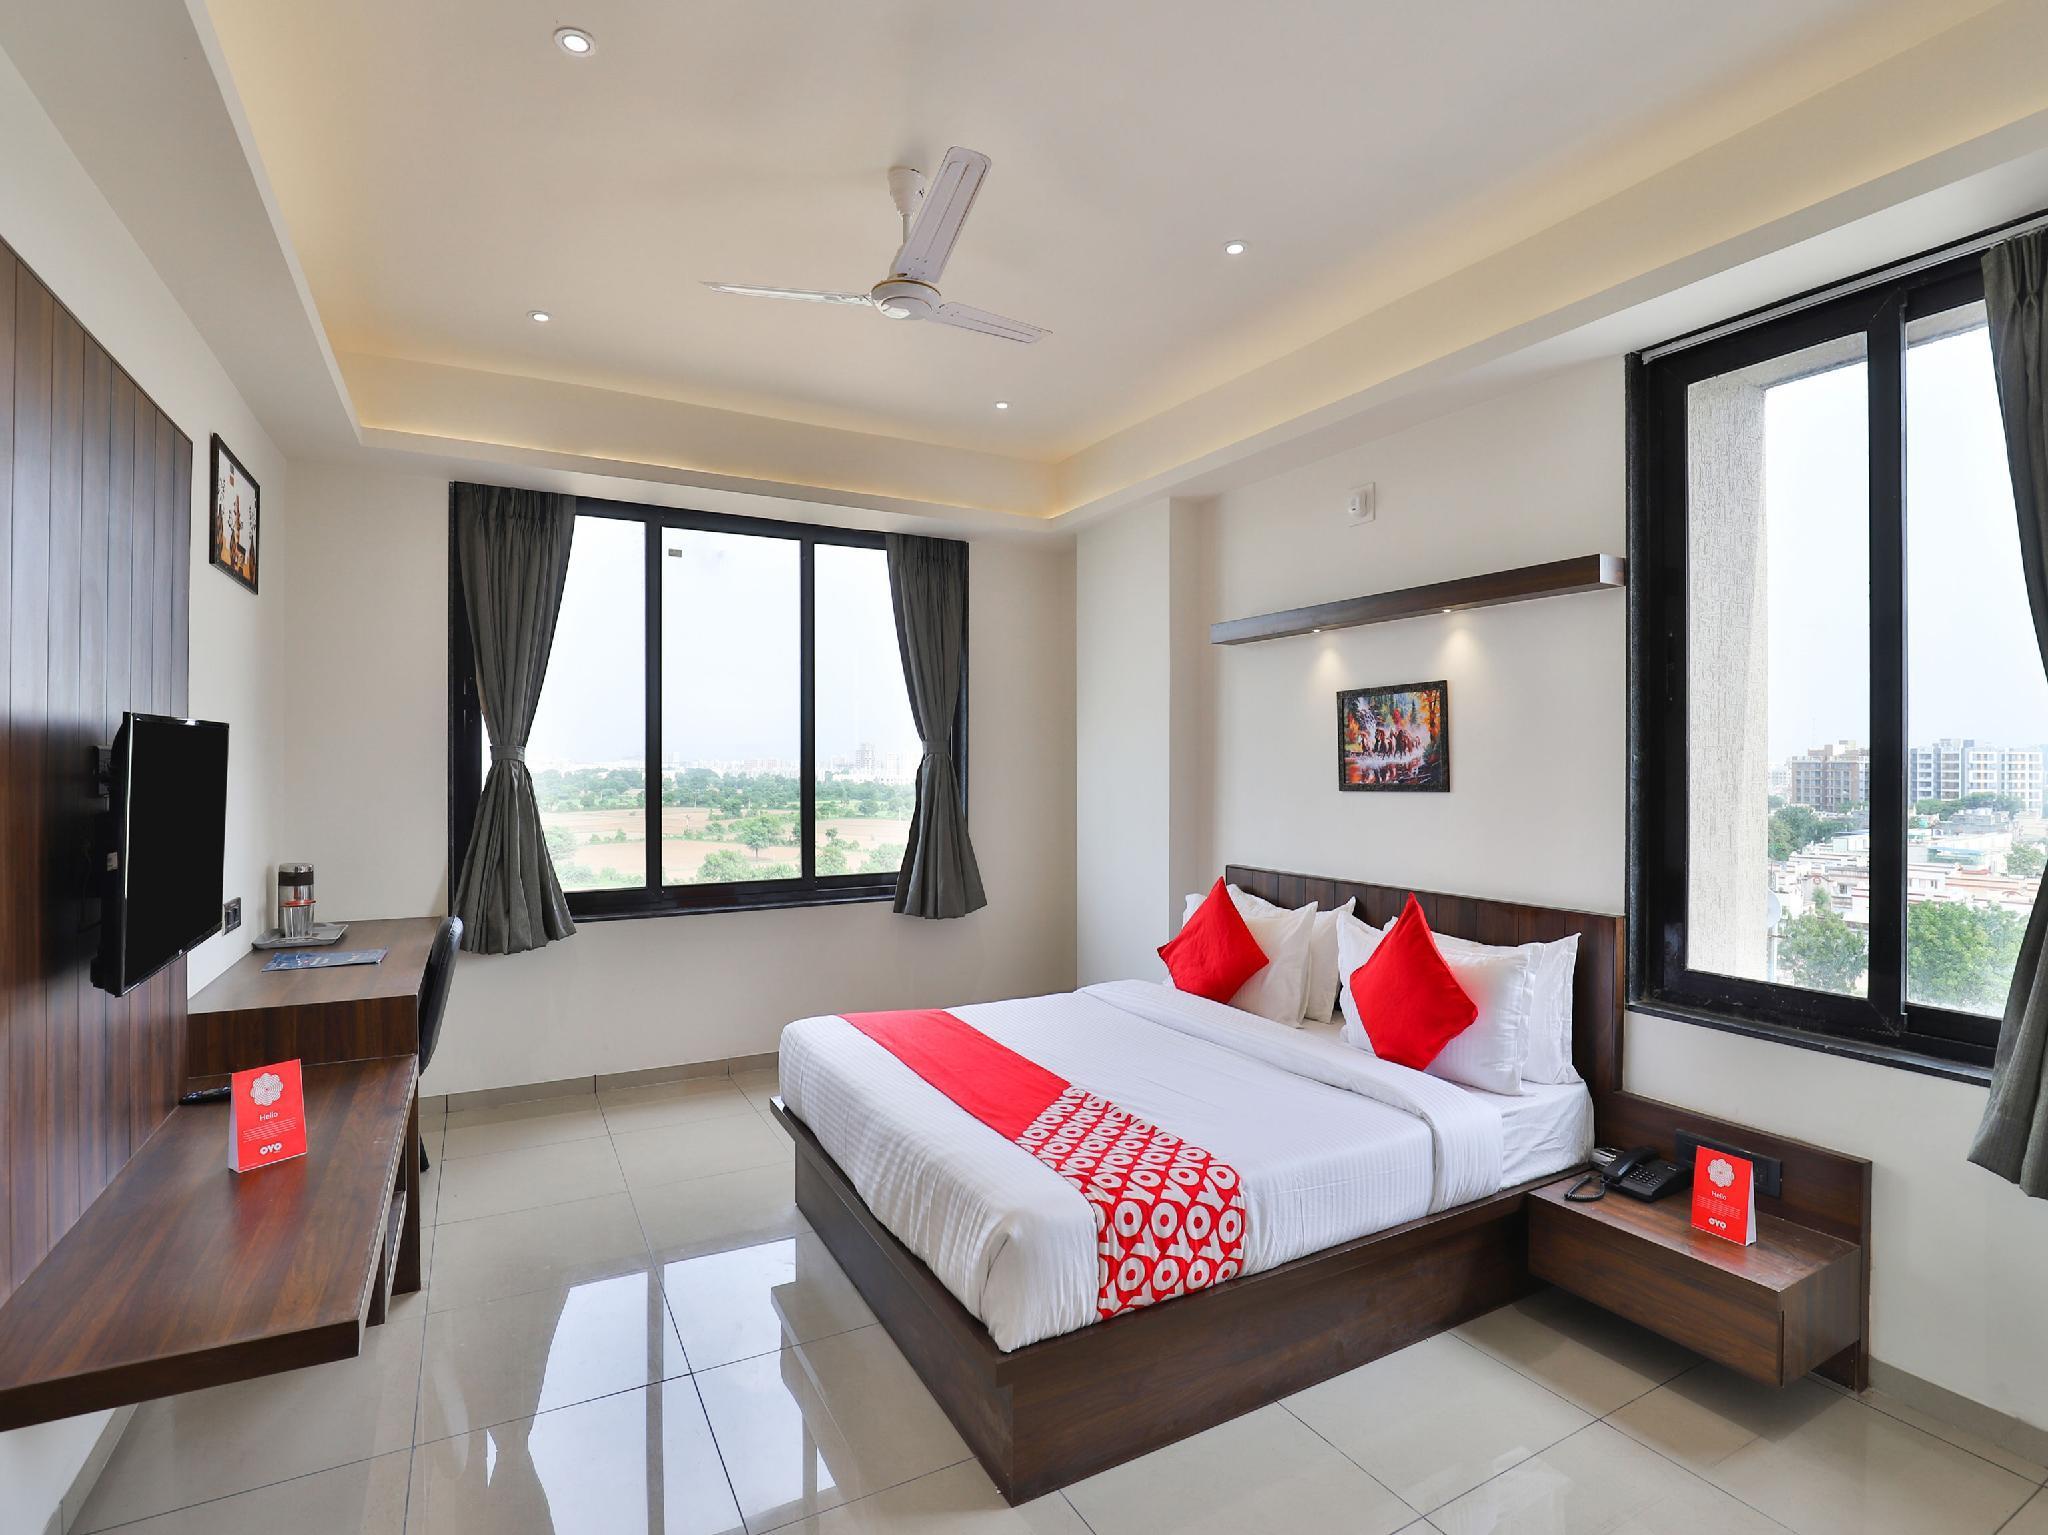 OYO 16604 Hotel Sparsh Inn, Gandhinagar